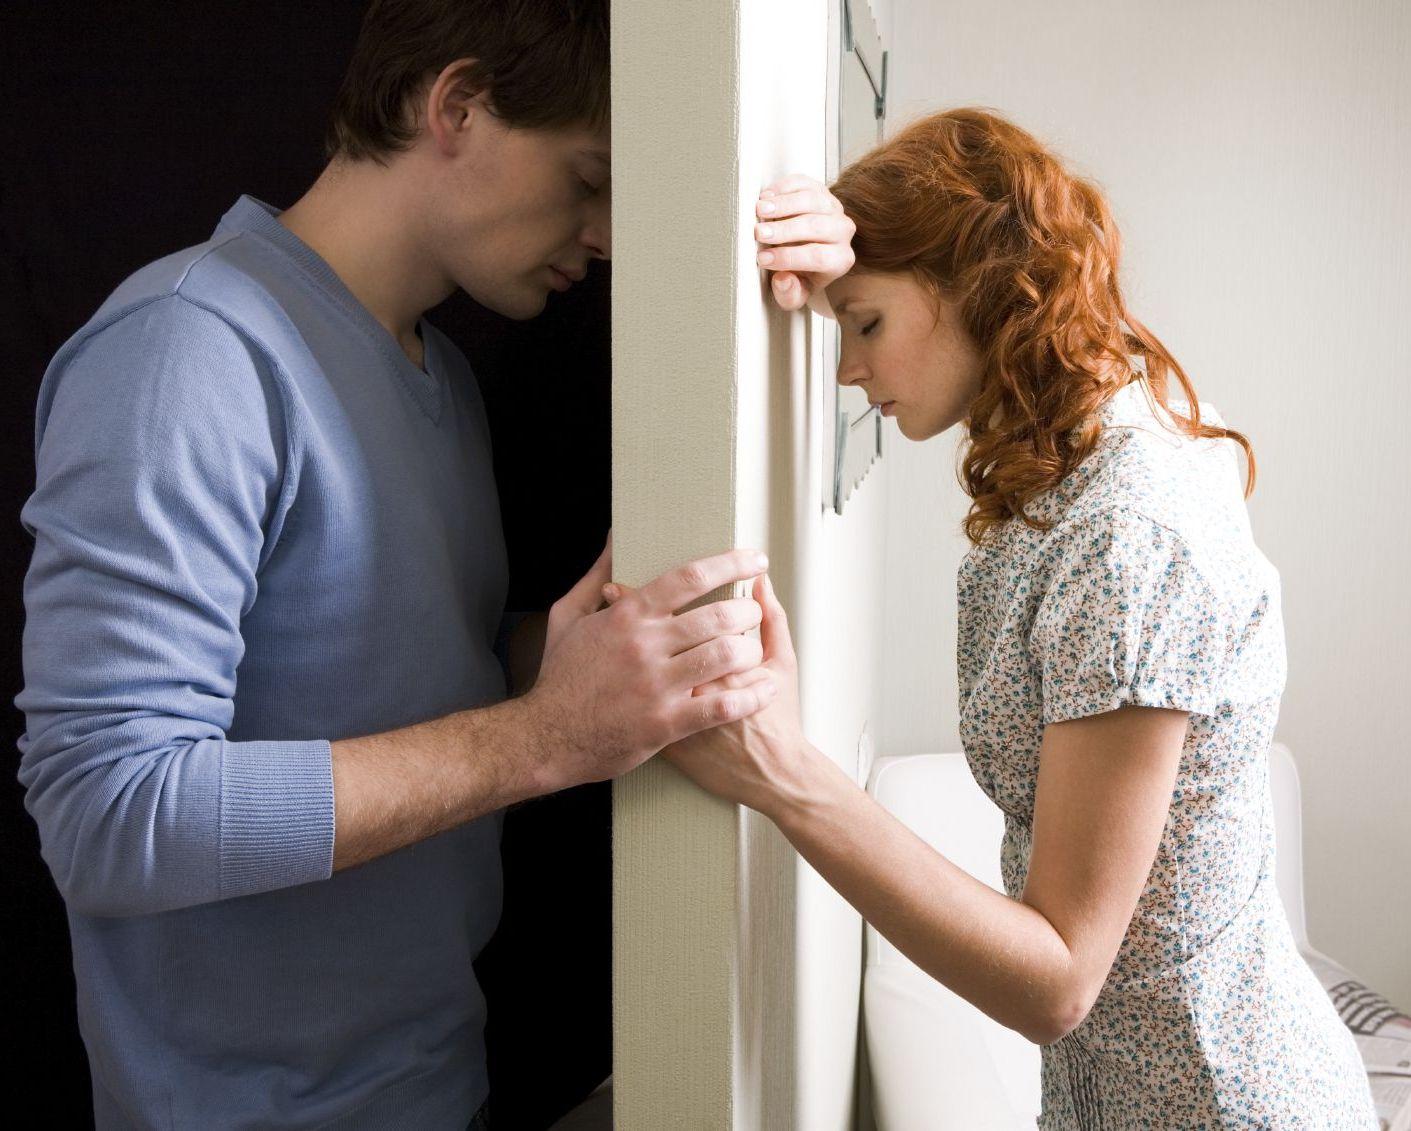 Гонорея у мужчин – болезнь, о которой не принято говорить вслух